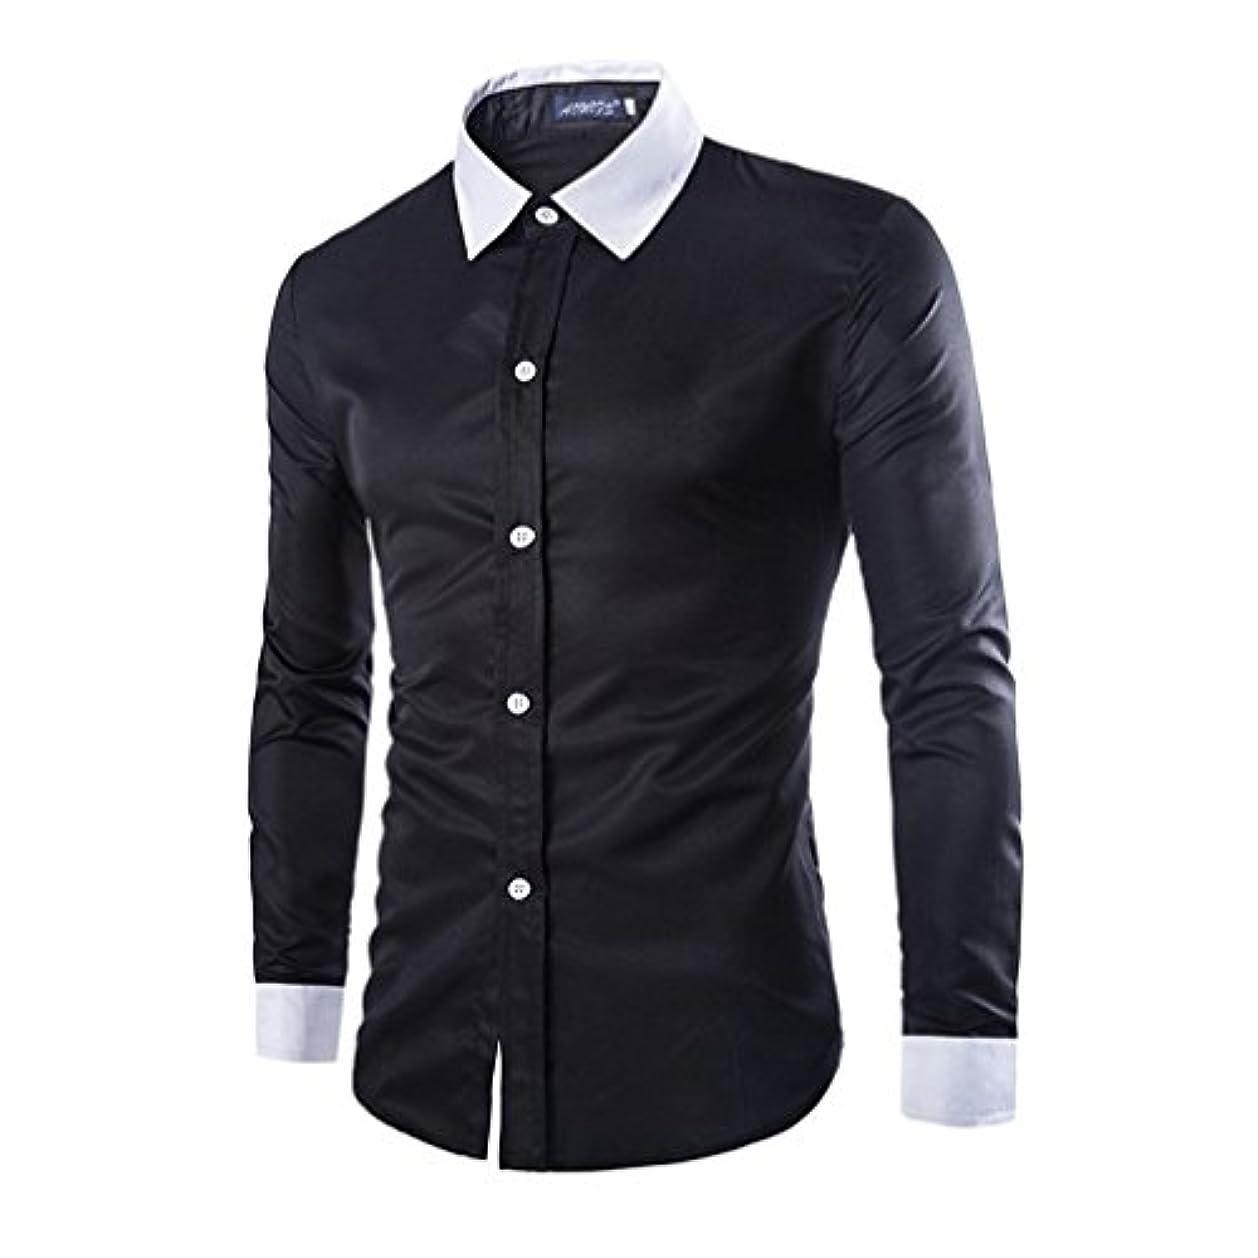 配列感じ出口Honghu メンズ シャツ 長袖 無地 5色 ブラック XL 1PC